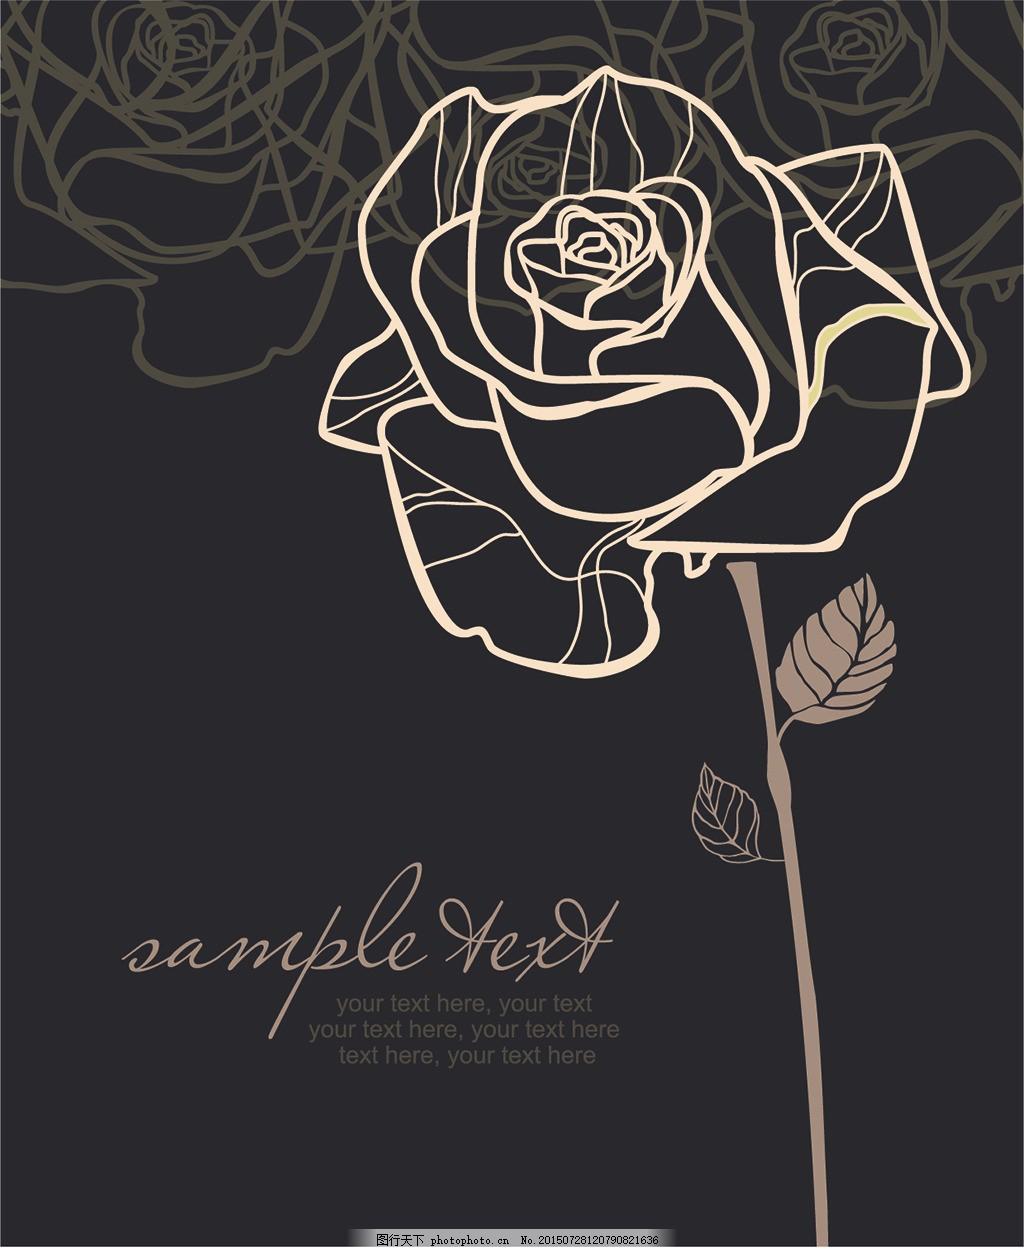 手绘线稿玫瑰花图案,底纹 典雅 经典 纹样 黑色-图行